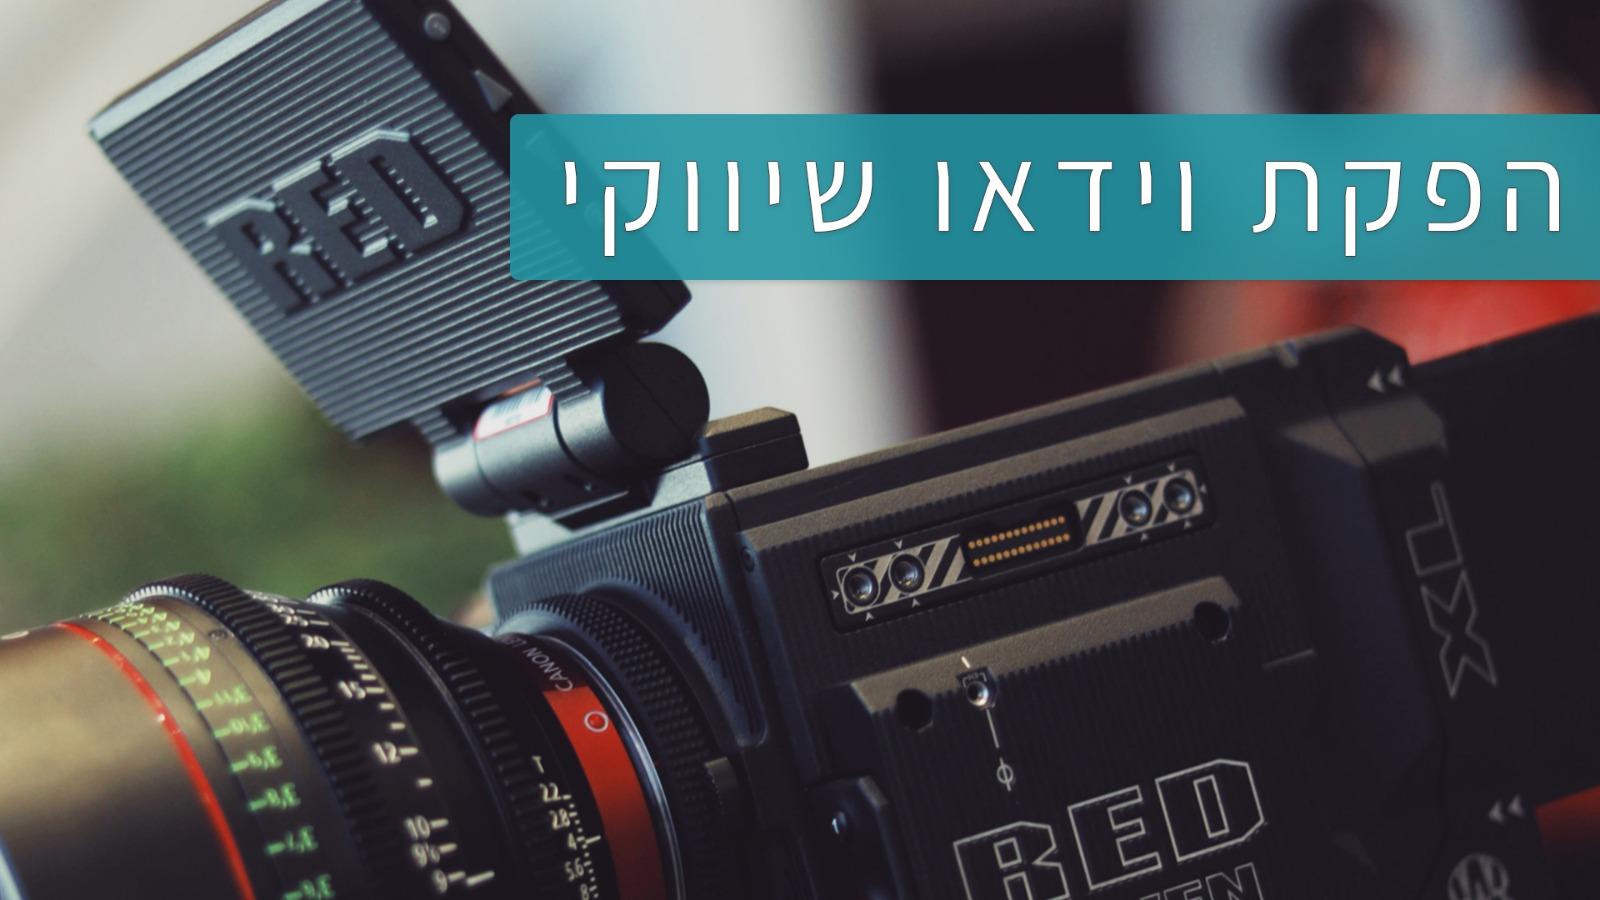 אלעד שבר תקשורת מנצחת | הפקת וידאו שיווקי לעסקים